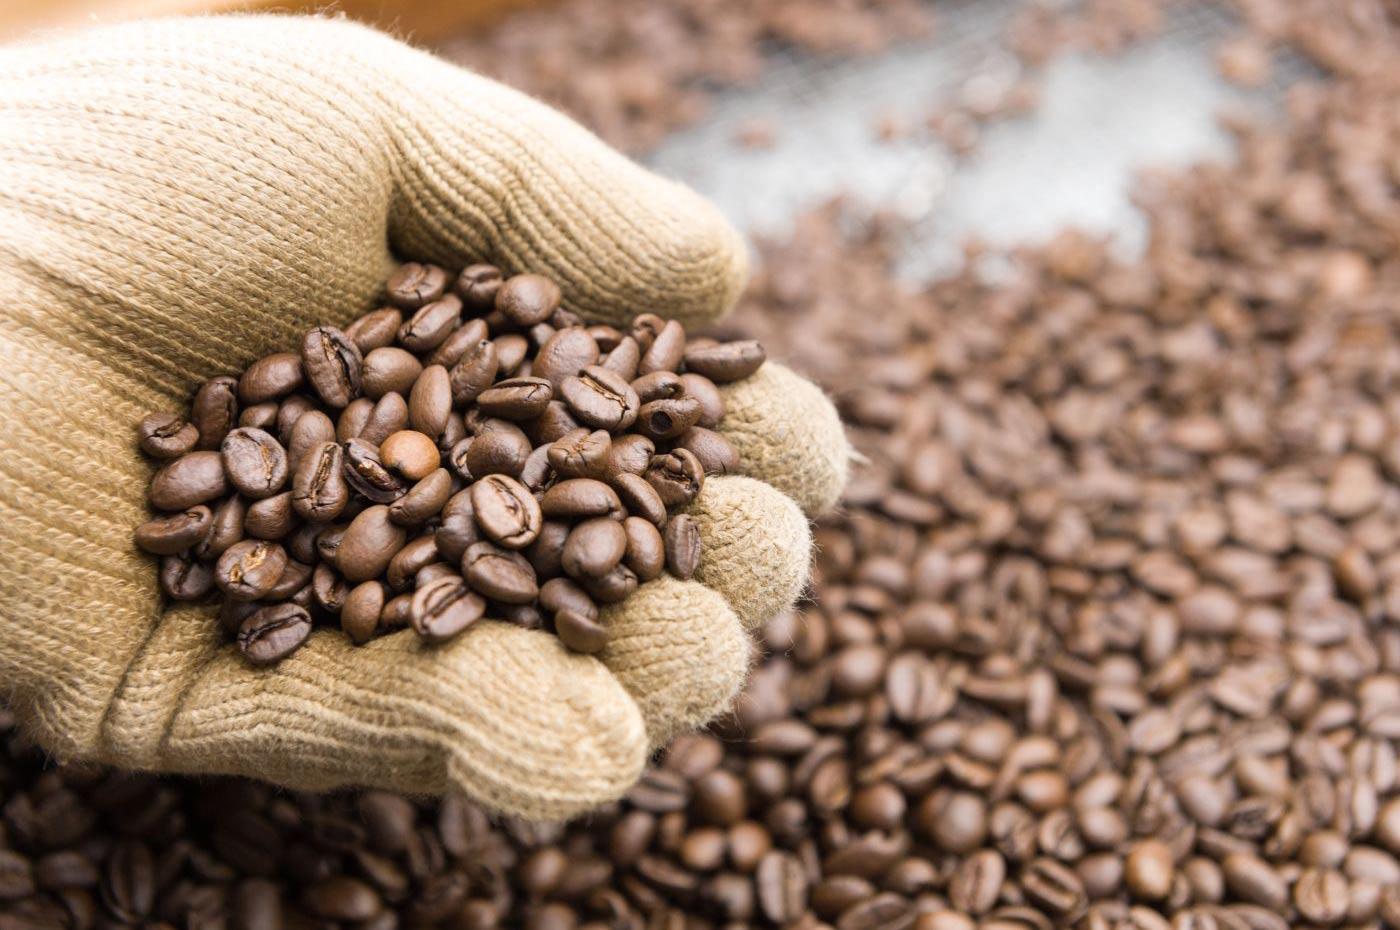 老舗コーヒーショップ・サルビア・コーヒー豆の餞別2